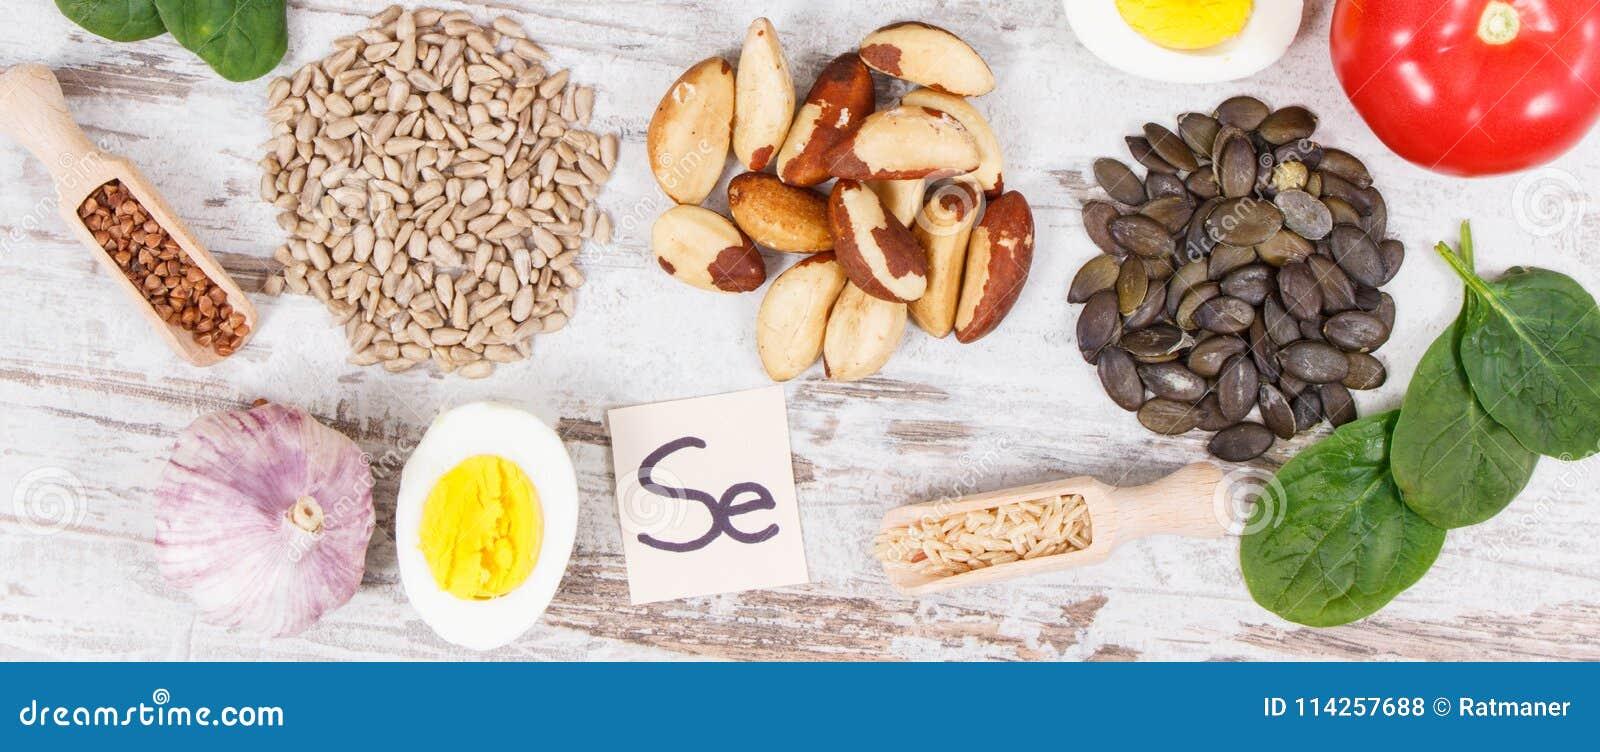 Składniki lub produkty jako źródło selen, witaminy, kopaliny i żywienioniowy włókno,